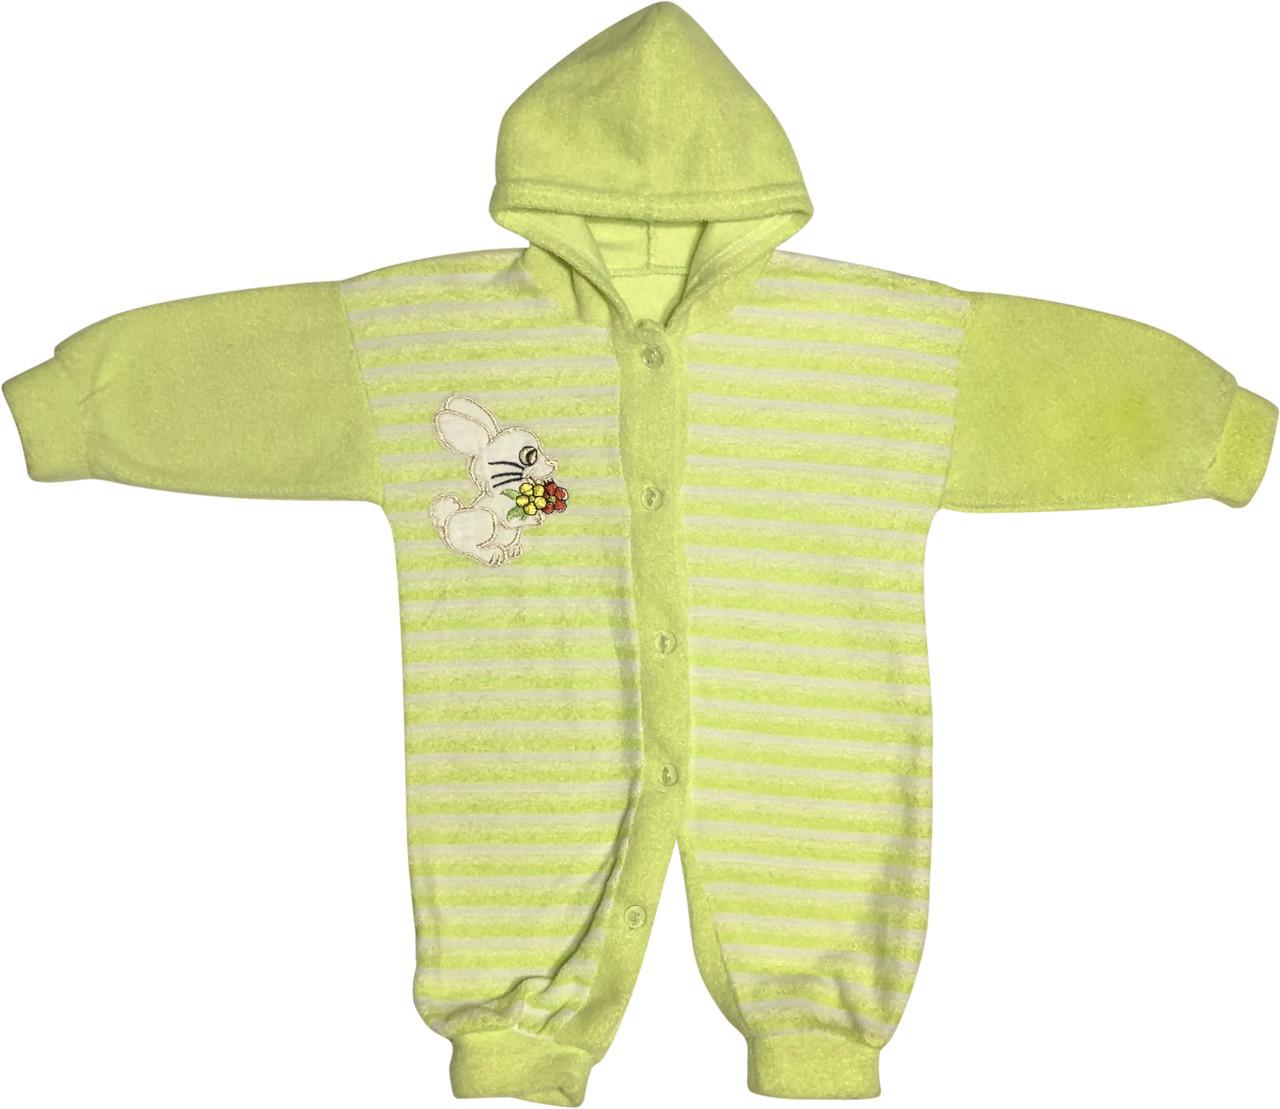 Детский тёплый человечек рост 62 2-3 мес махровый салатовый на мальчика девочку слип с капюшоном для новорожденных малышей С002